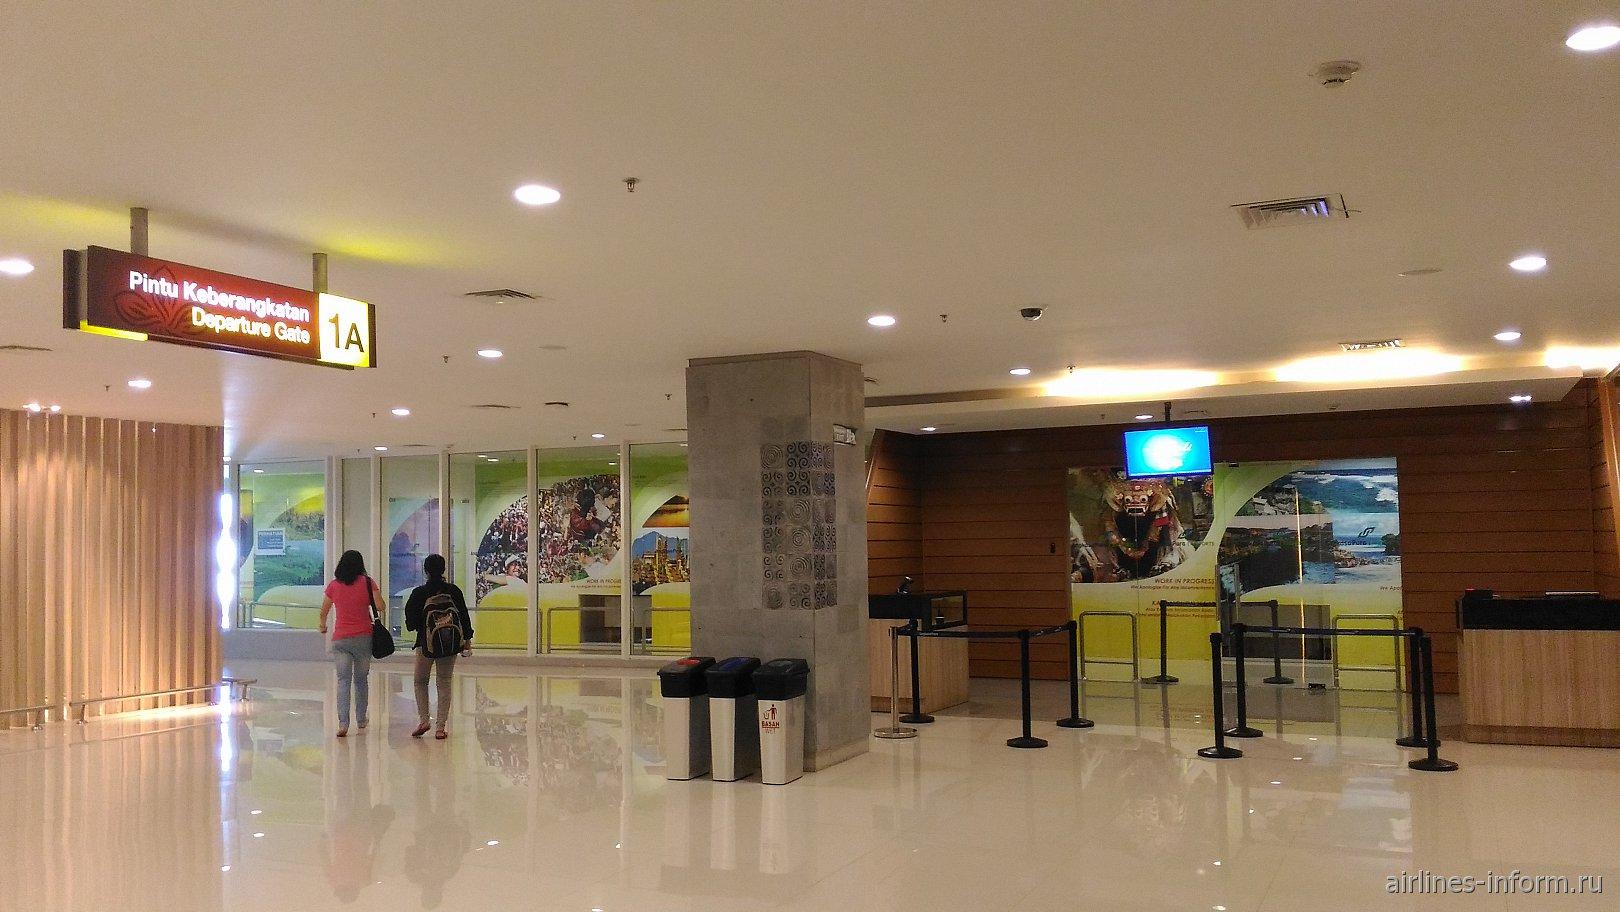 Выход на посадку в терминале внутренних линий аэропорта Денпасар Нгура Рай